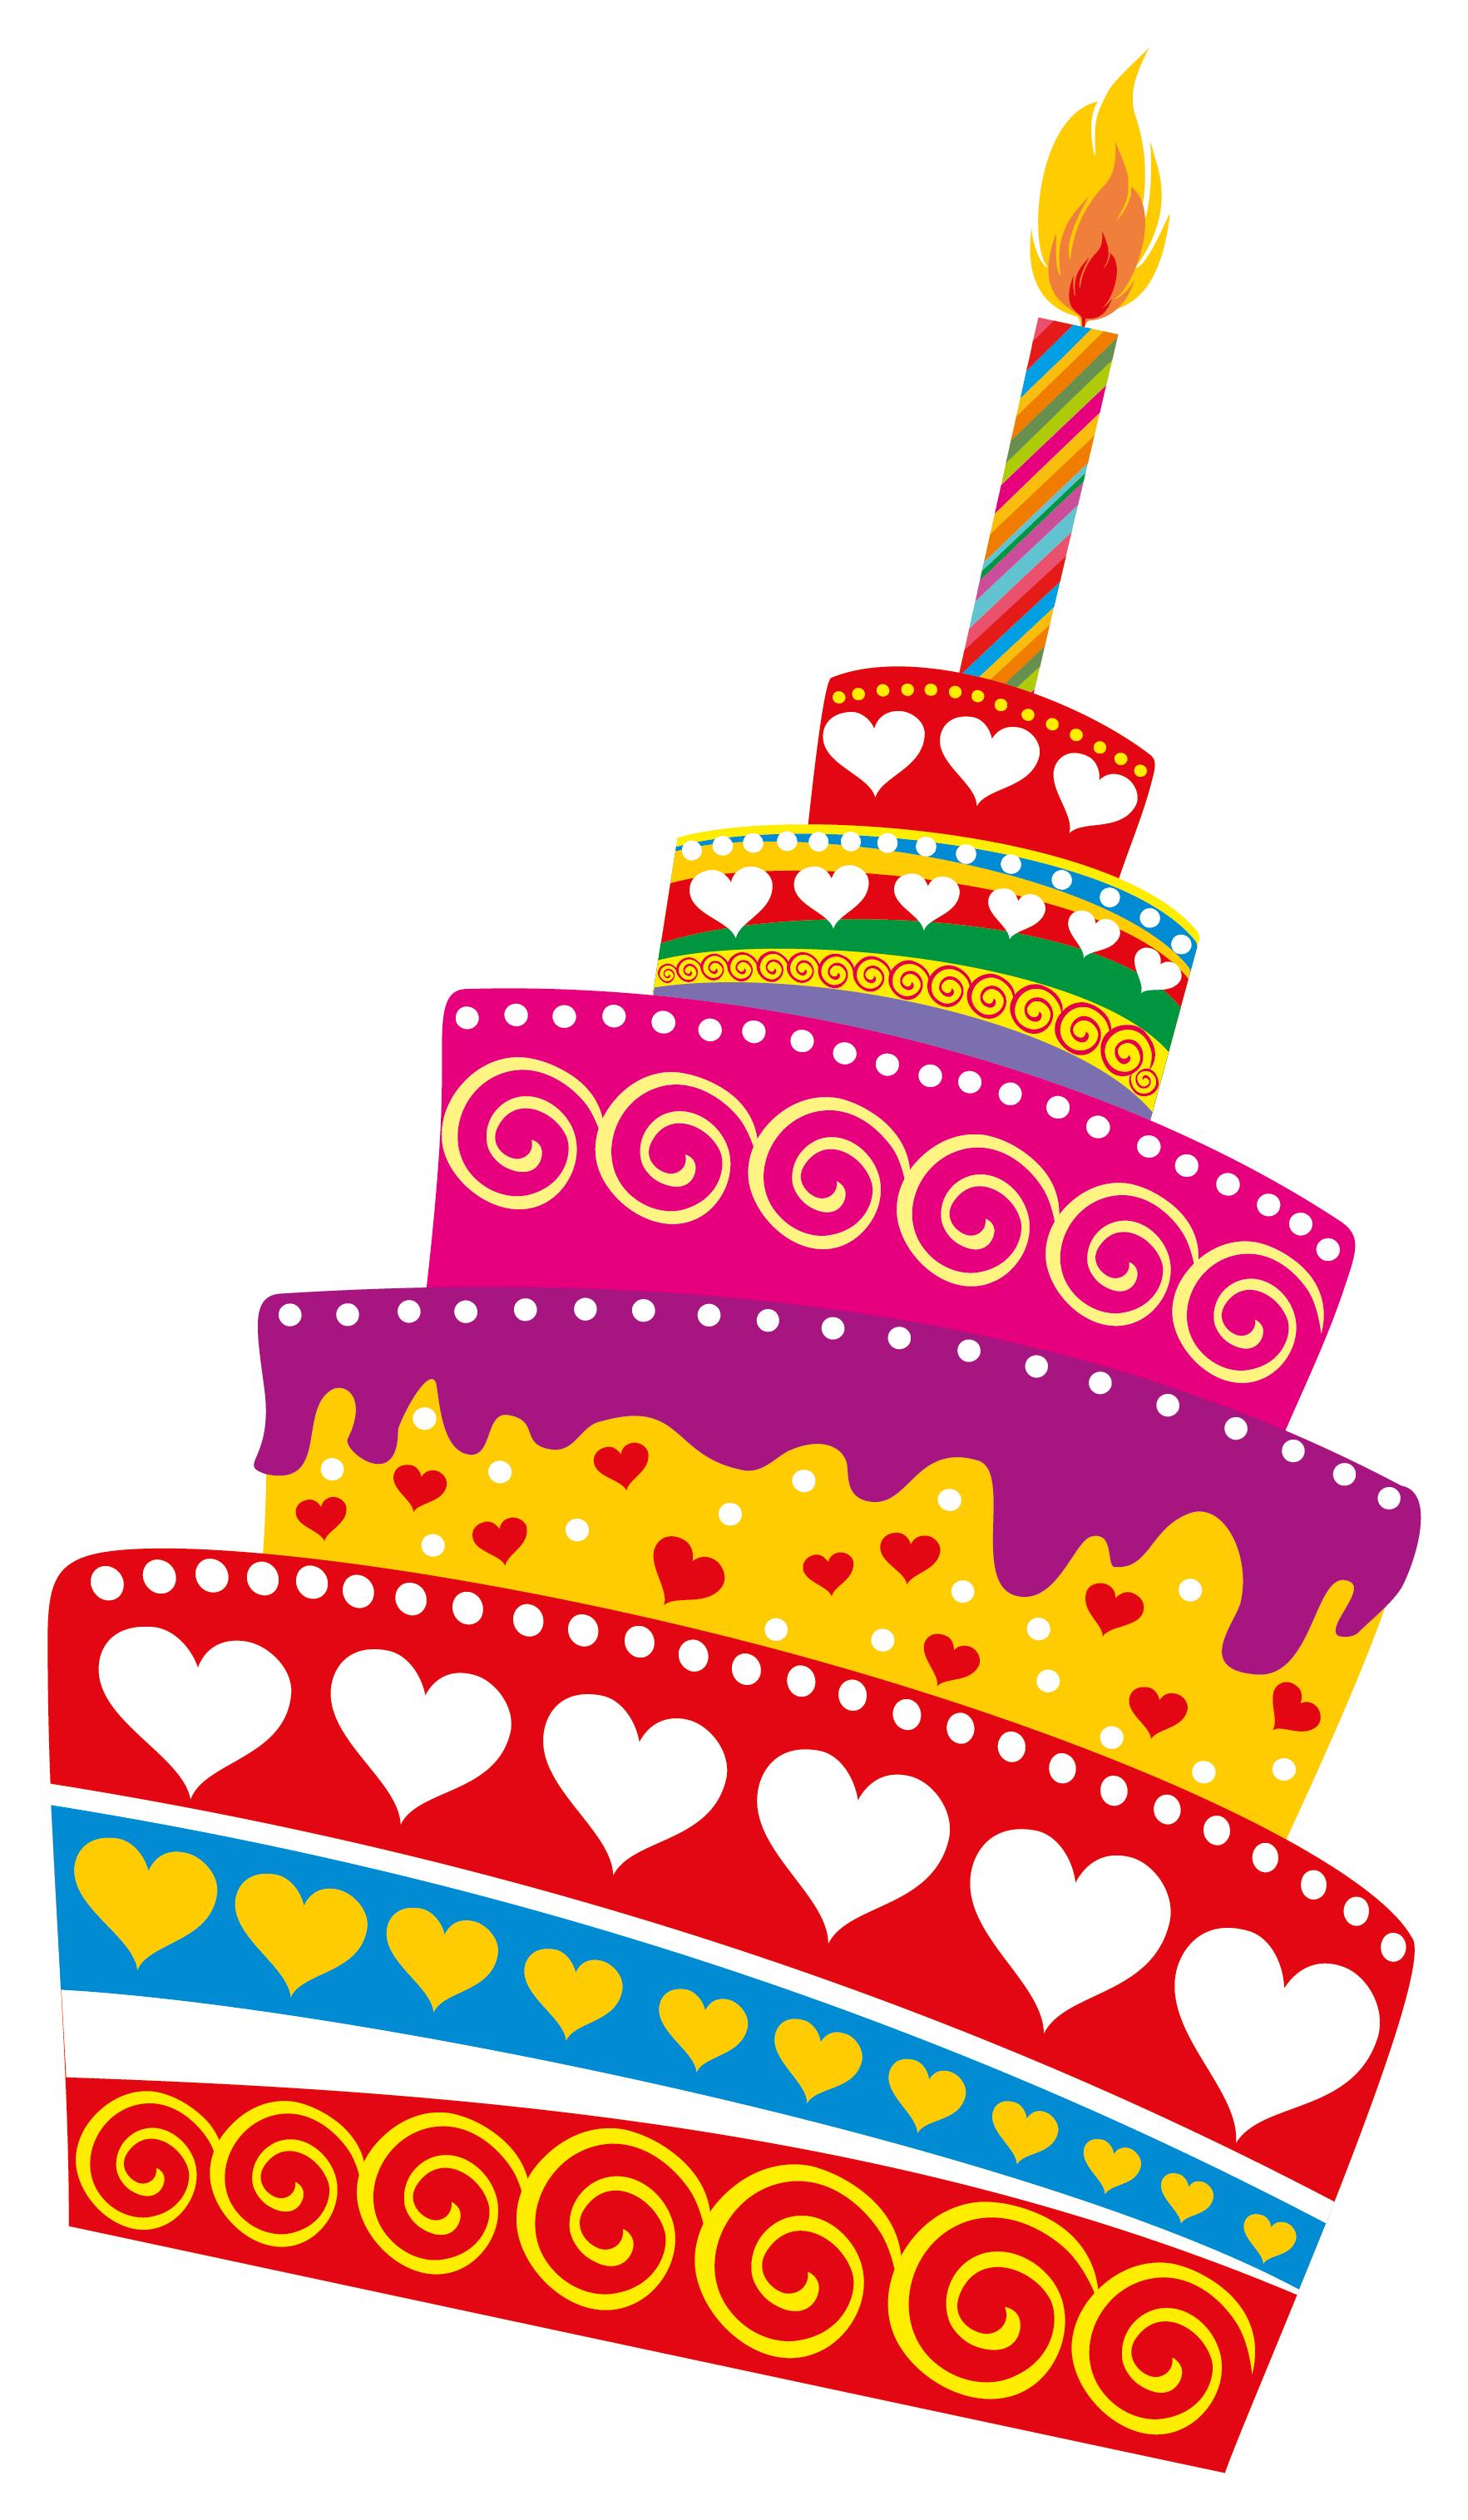 Картинки по запросу день рождения клипарт   День рождения ...